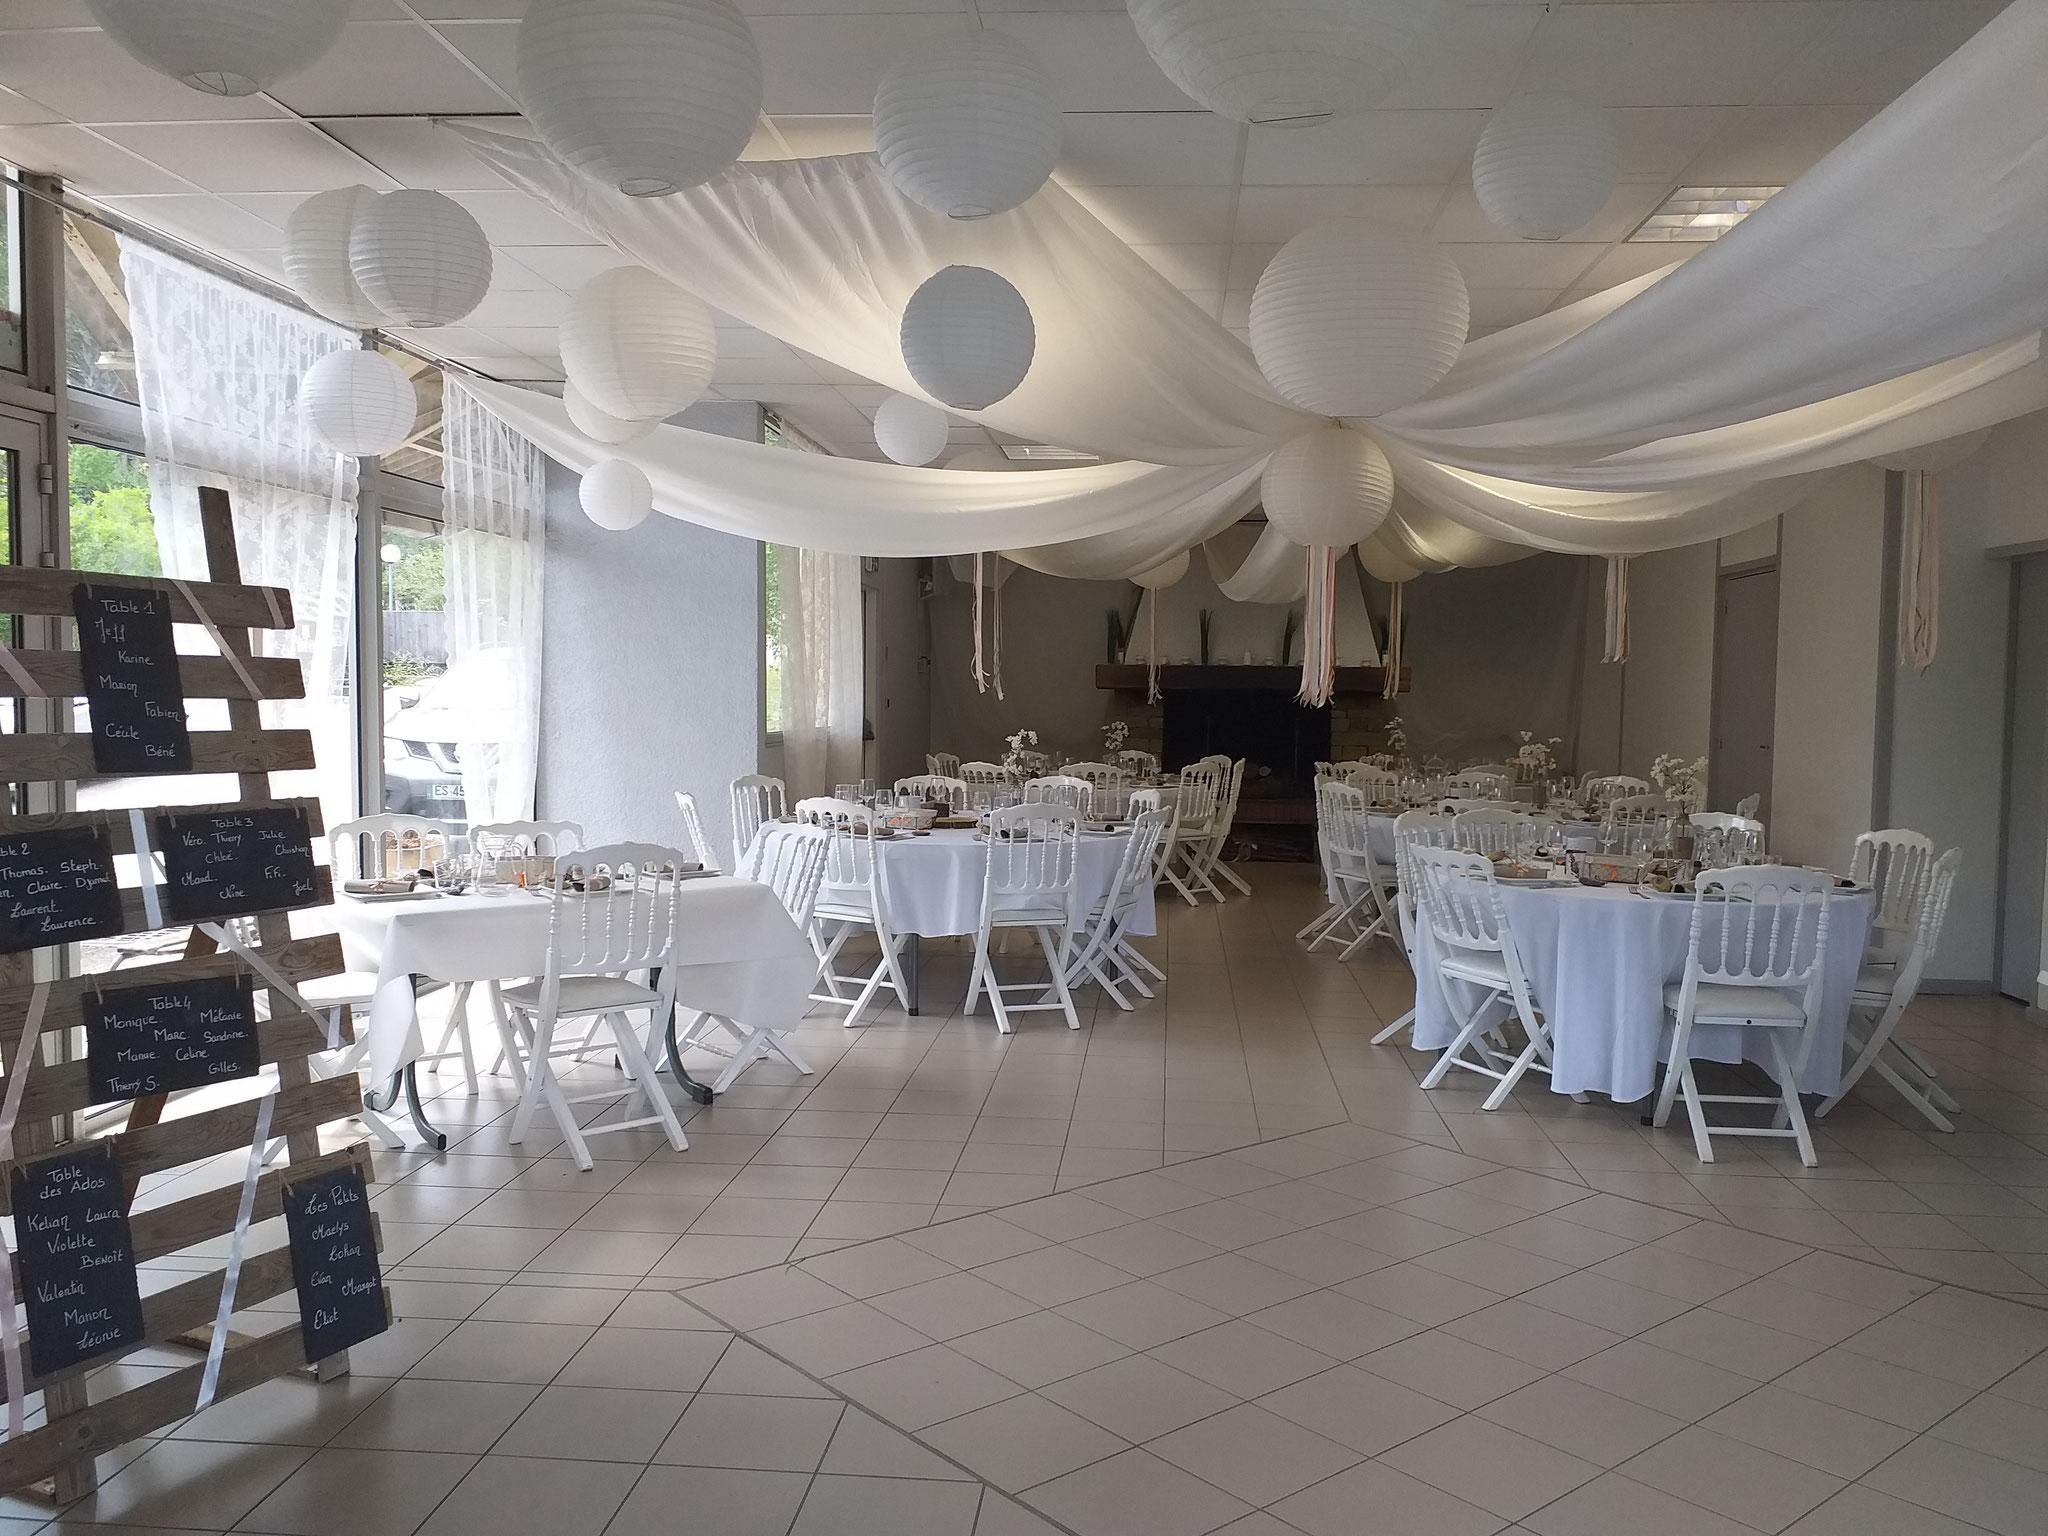 Salle d'activités décorée pour mariage